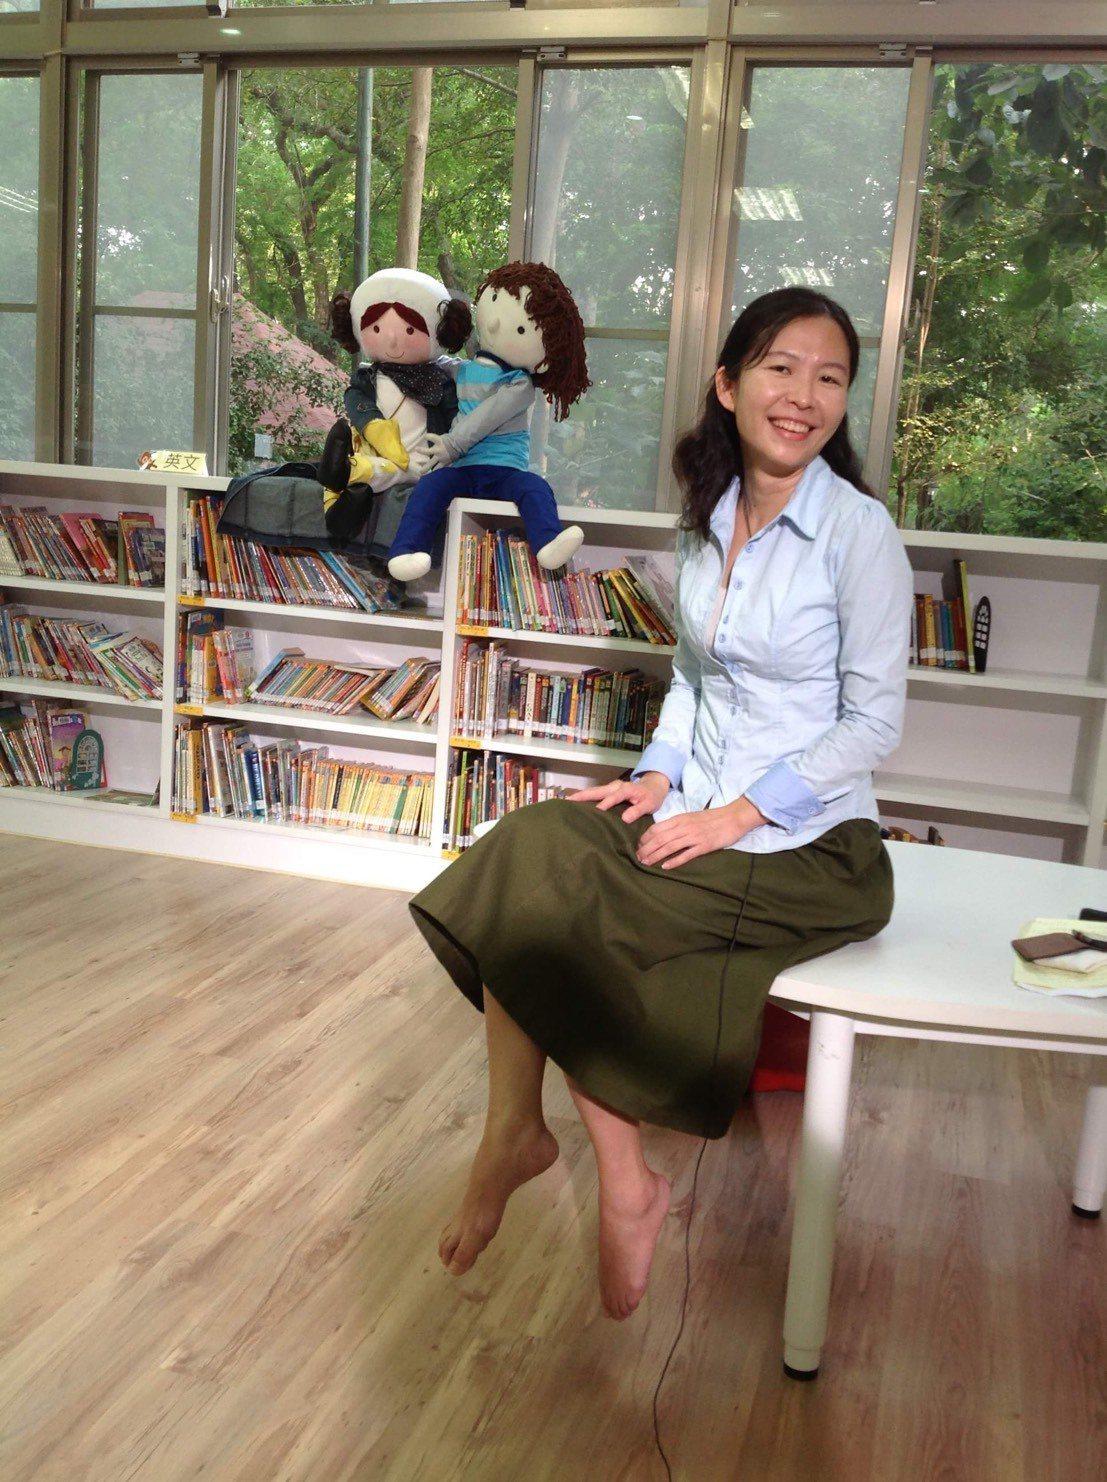 文化部今天公布第43屆金鼎獎得獎名單,「特別貢獻獎」得主為兒童文學創作及研究者幸...